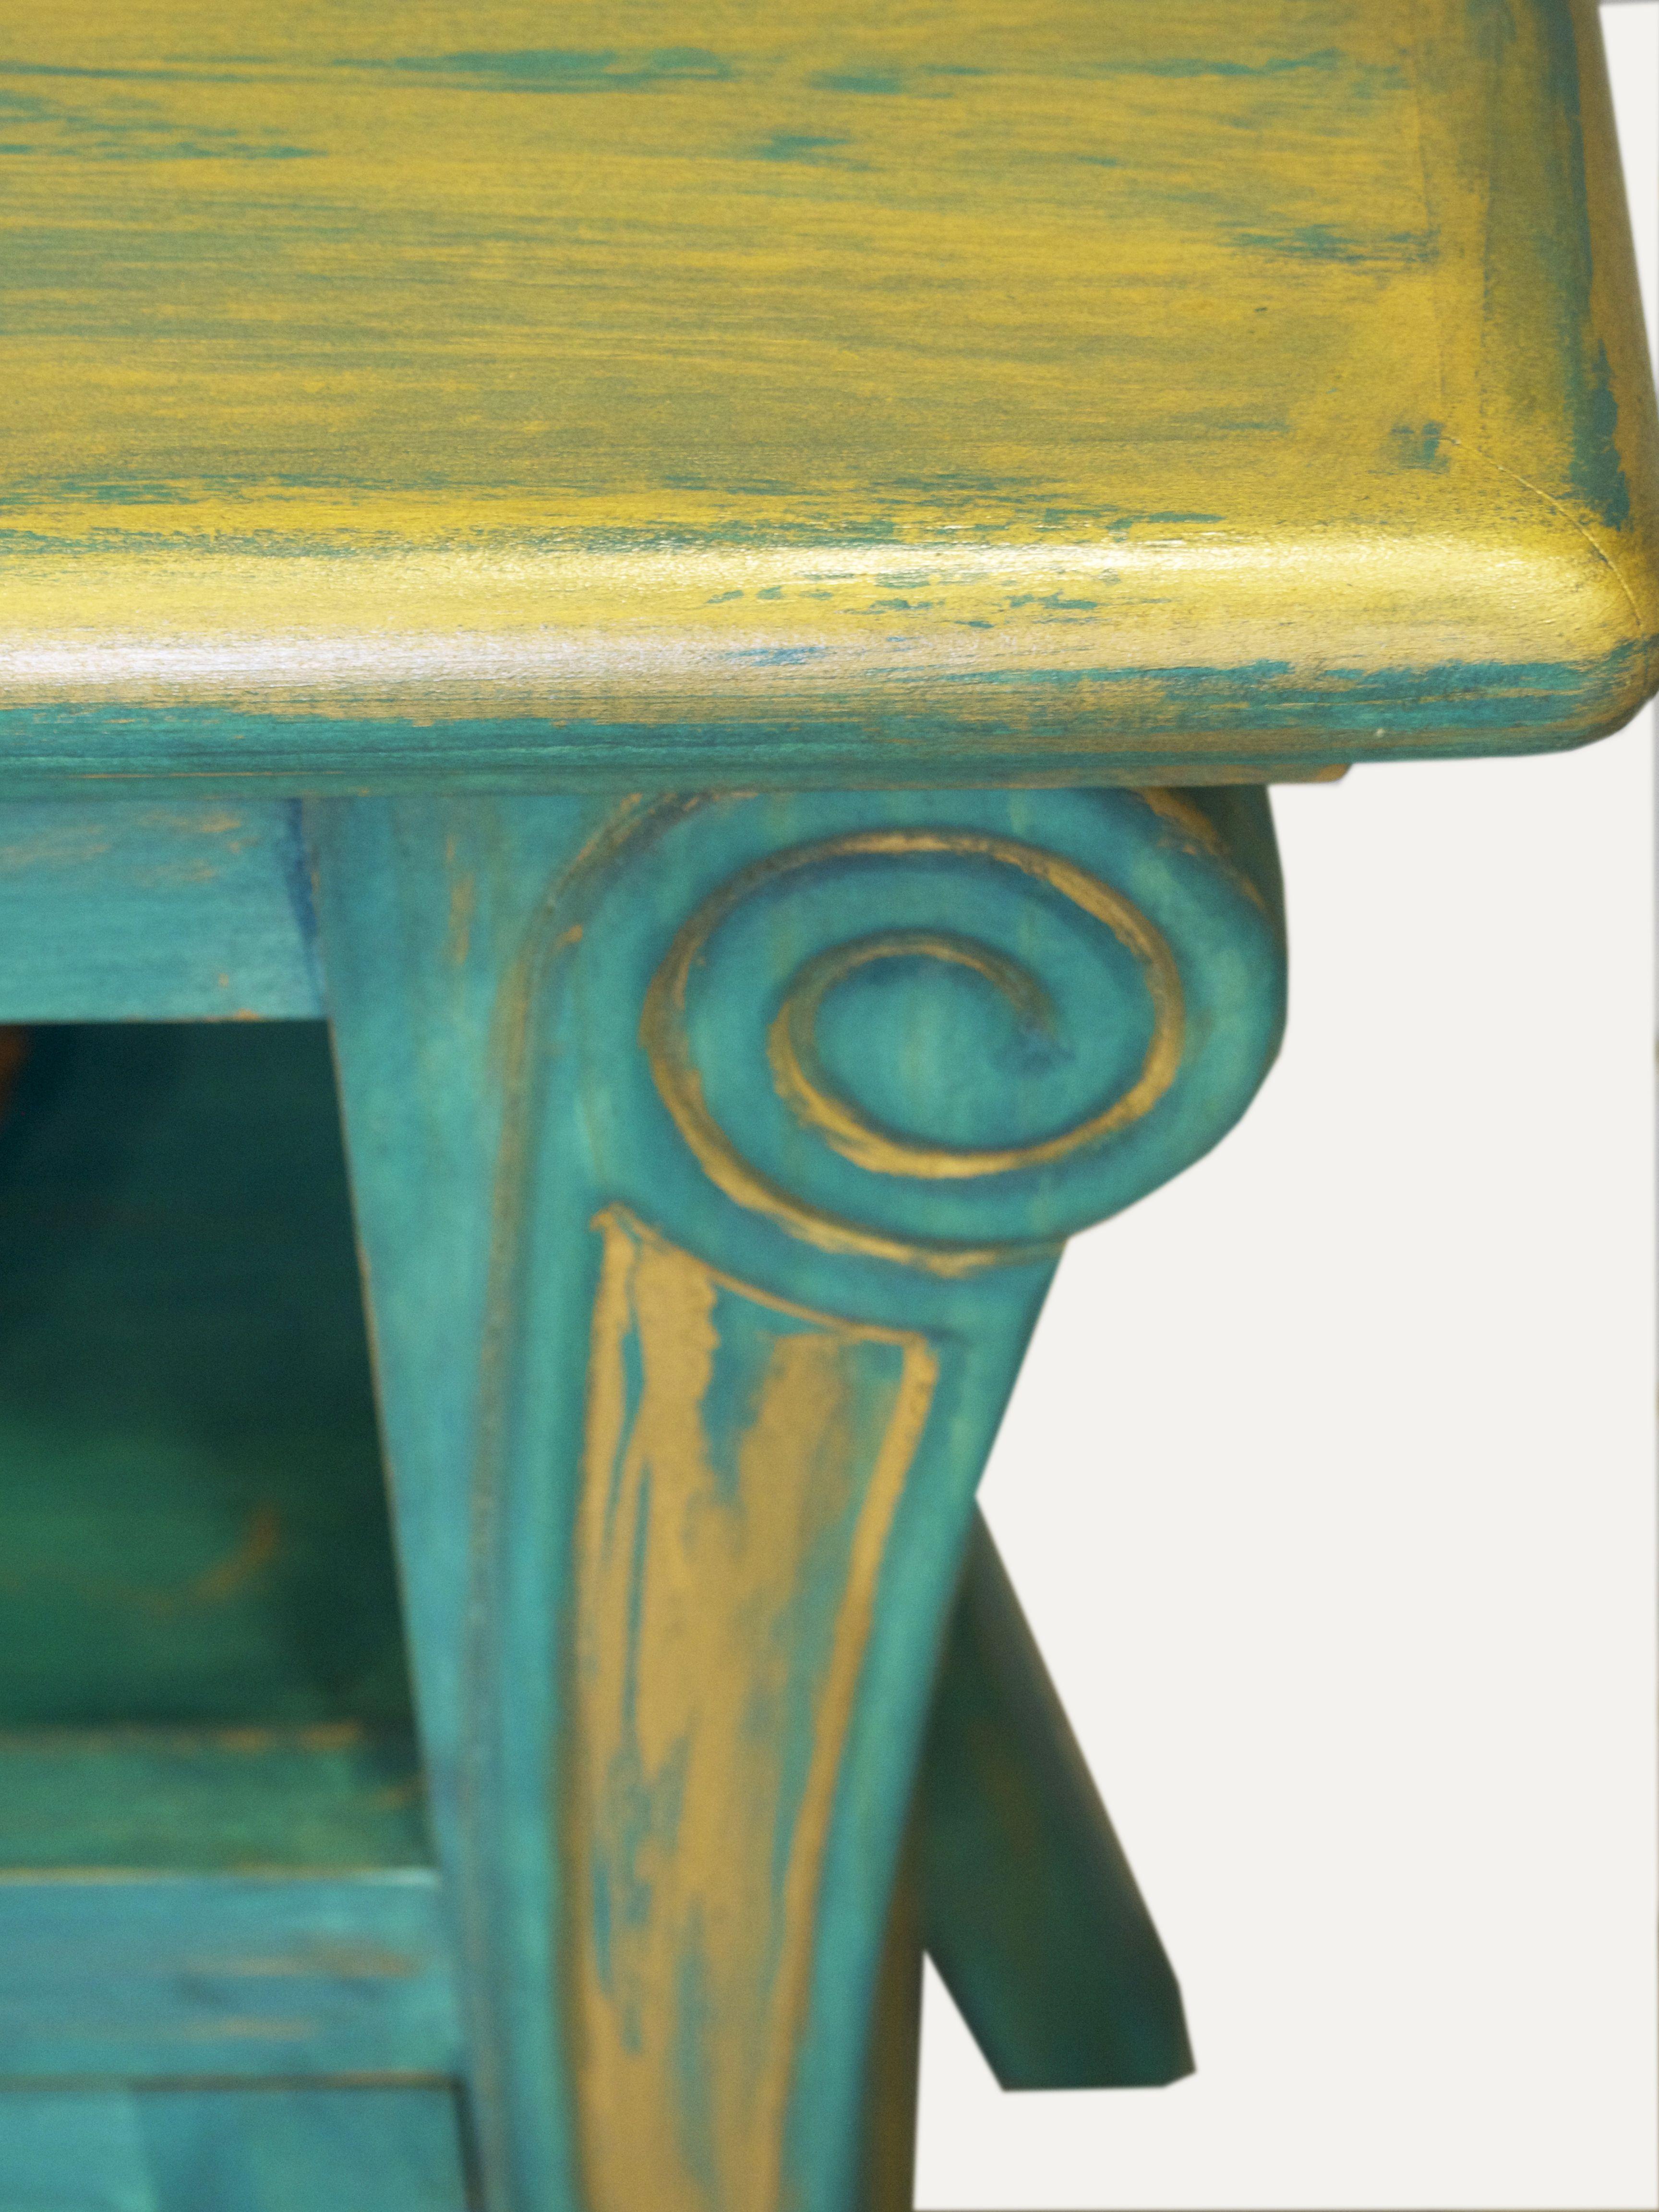 Detalle De Mueble Tv Pintado A Mano En Verde Azulado Y Patinado  # Muebles Efecto Decapado